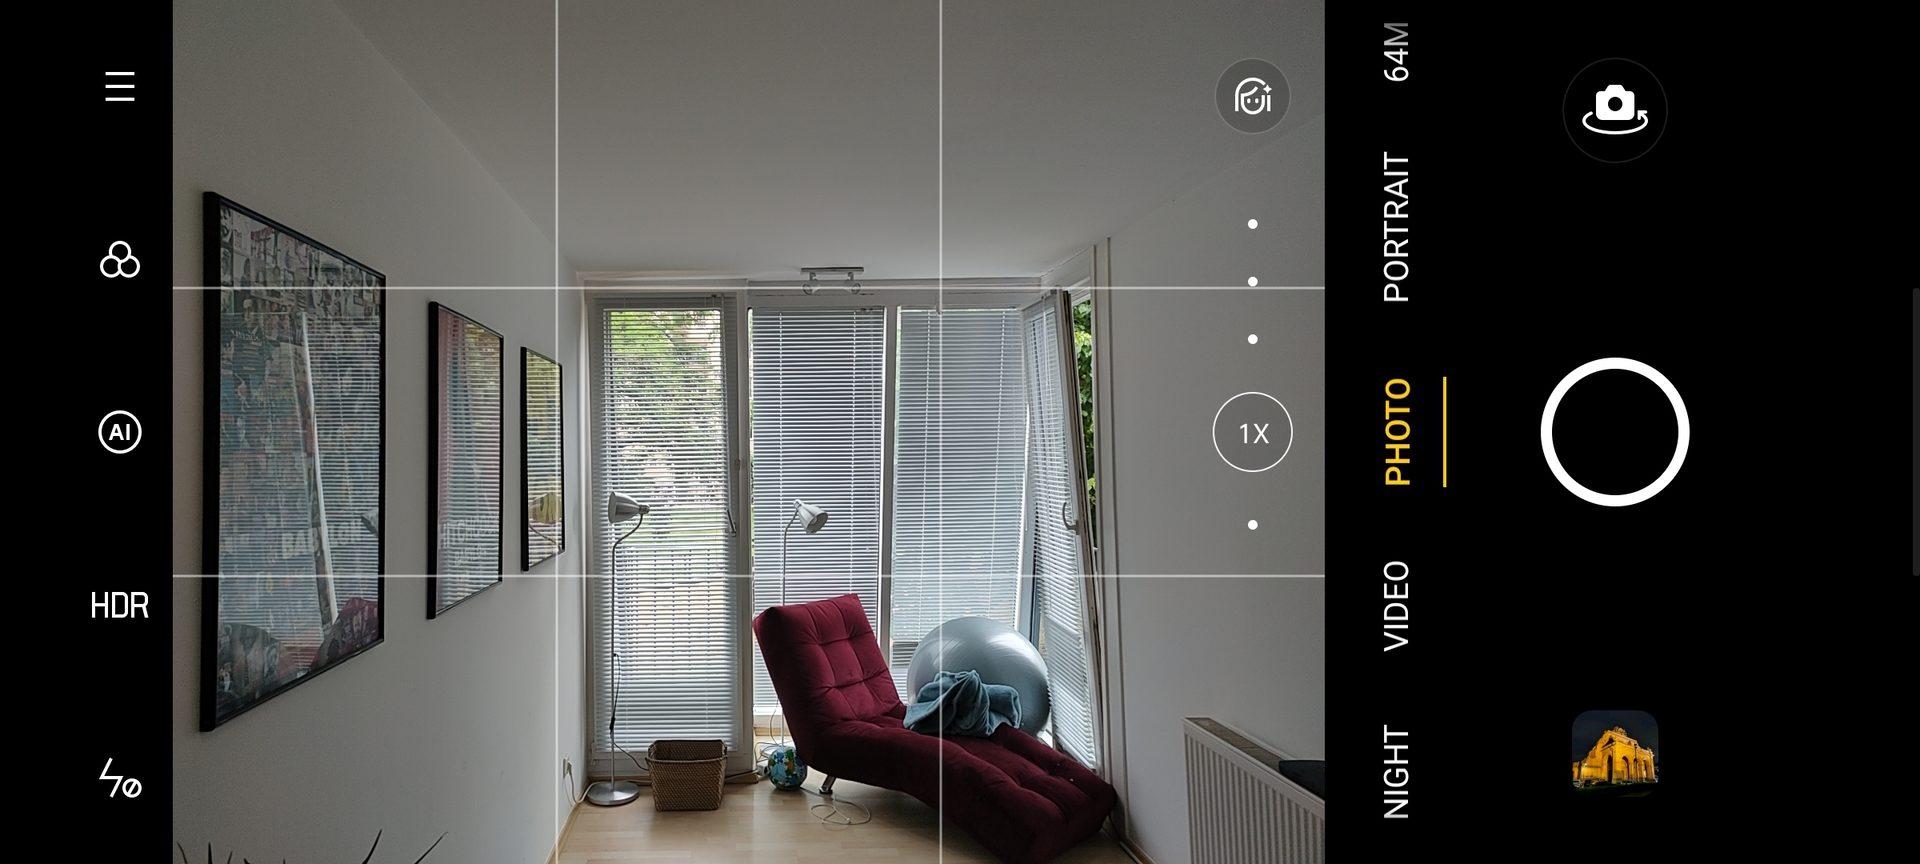 Realme X3 Superzoom camera app UI